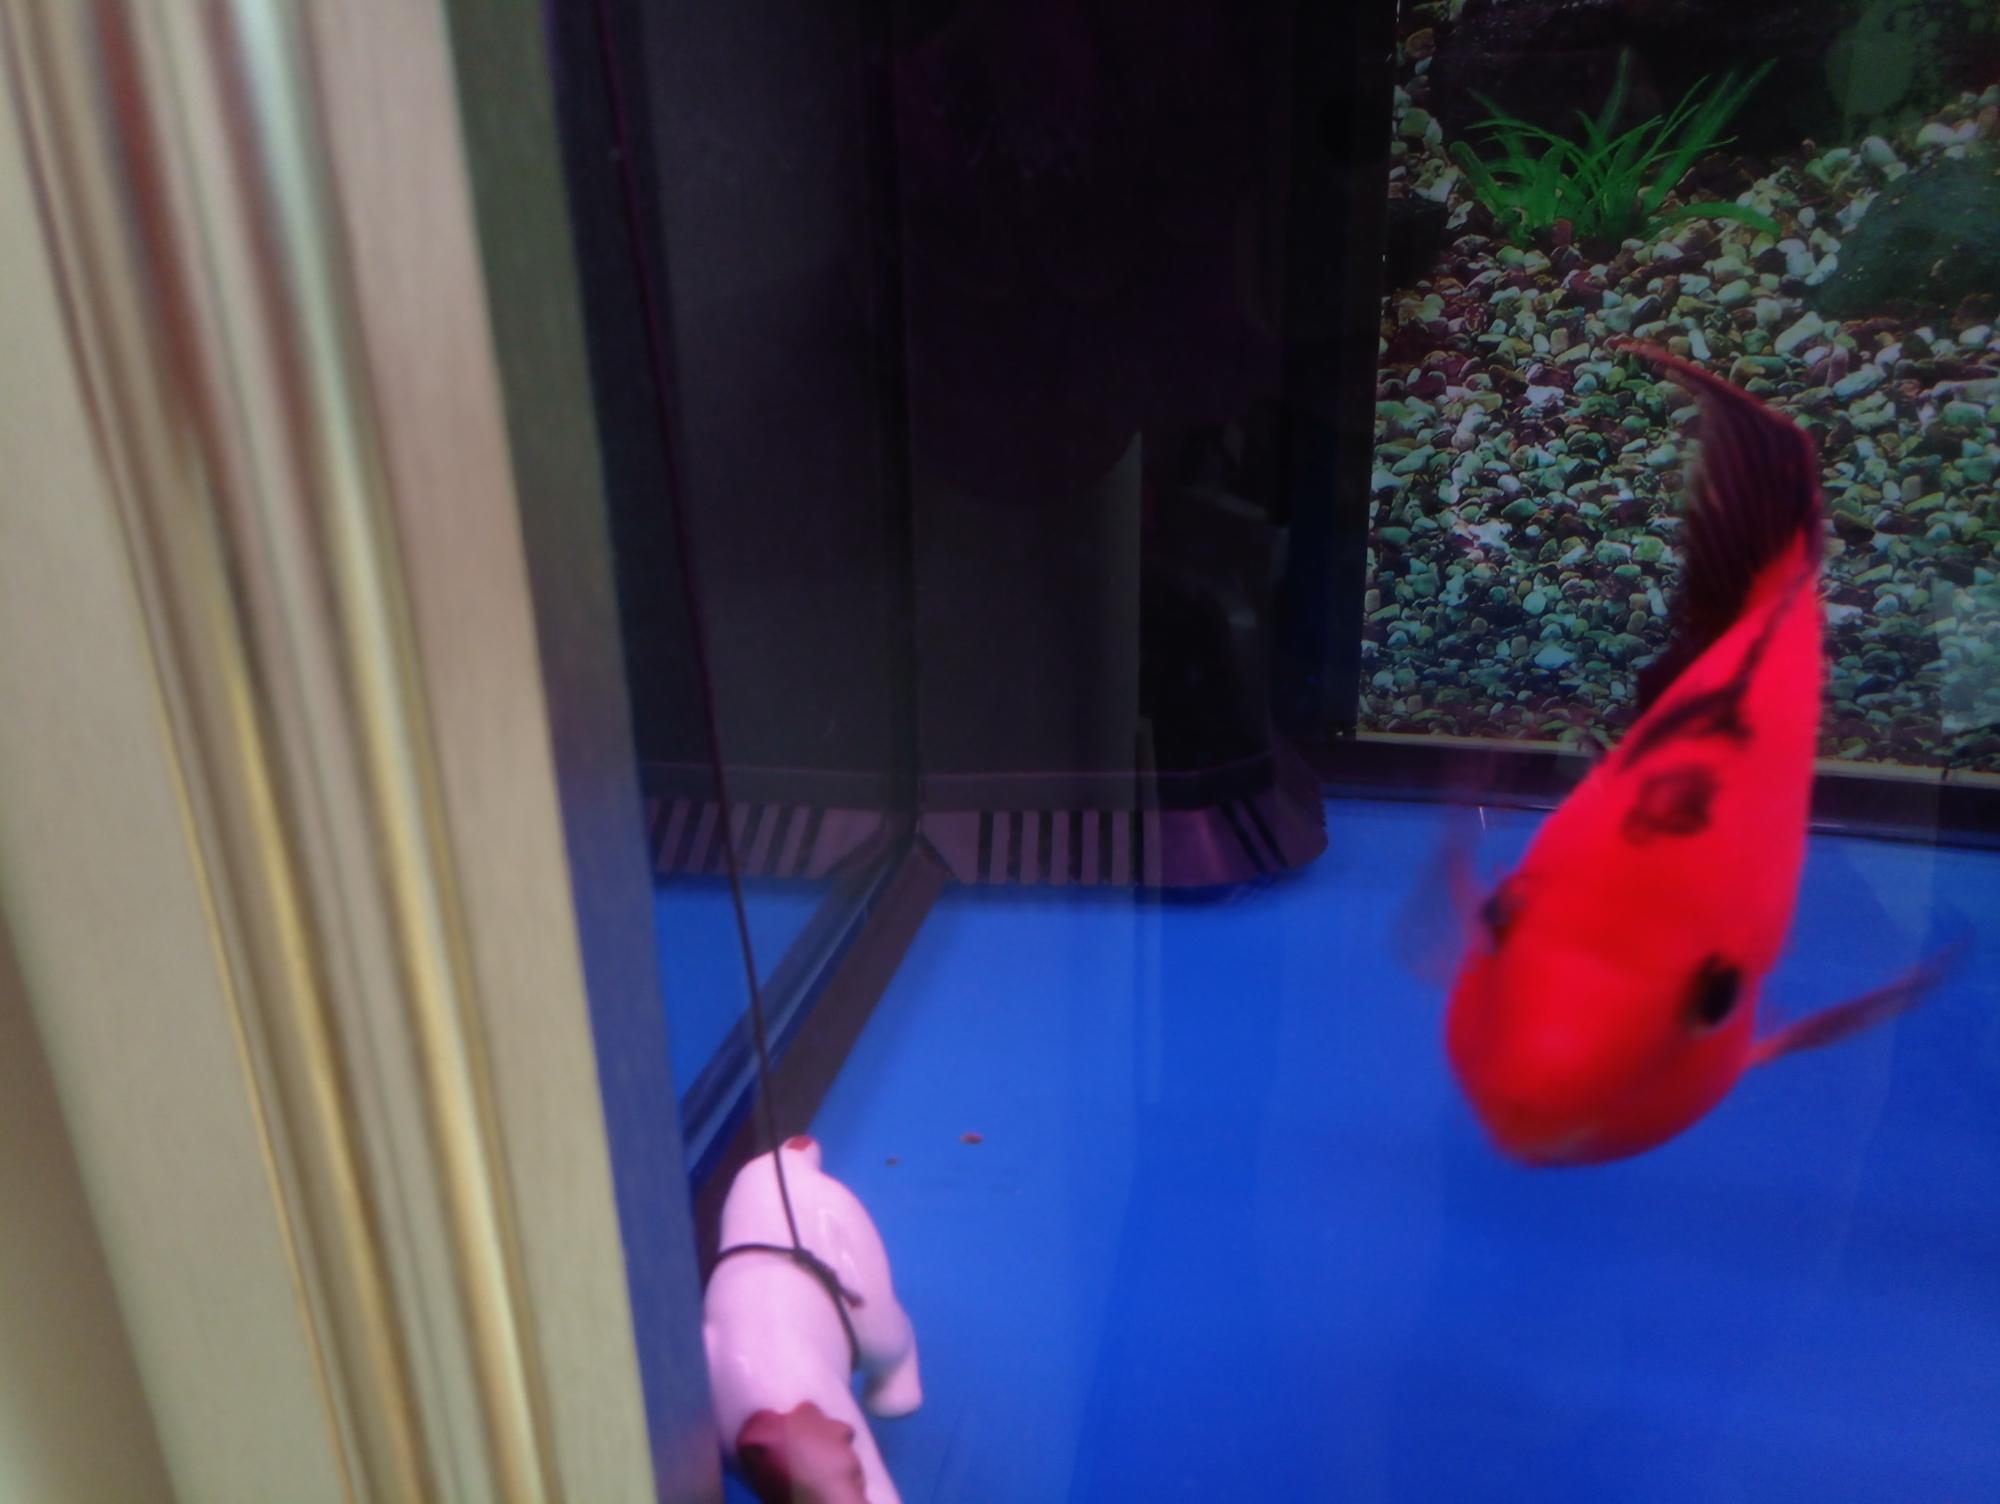 如何清理底滤鱼缸下面堆积的鱼粪 北京龙鱼论坛 北京龙鱼第3张